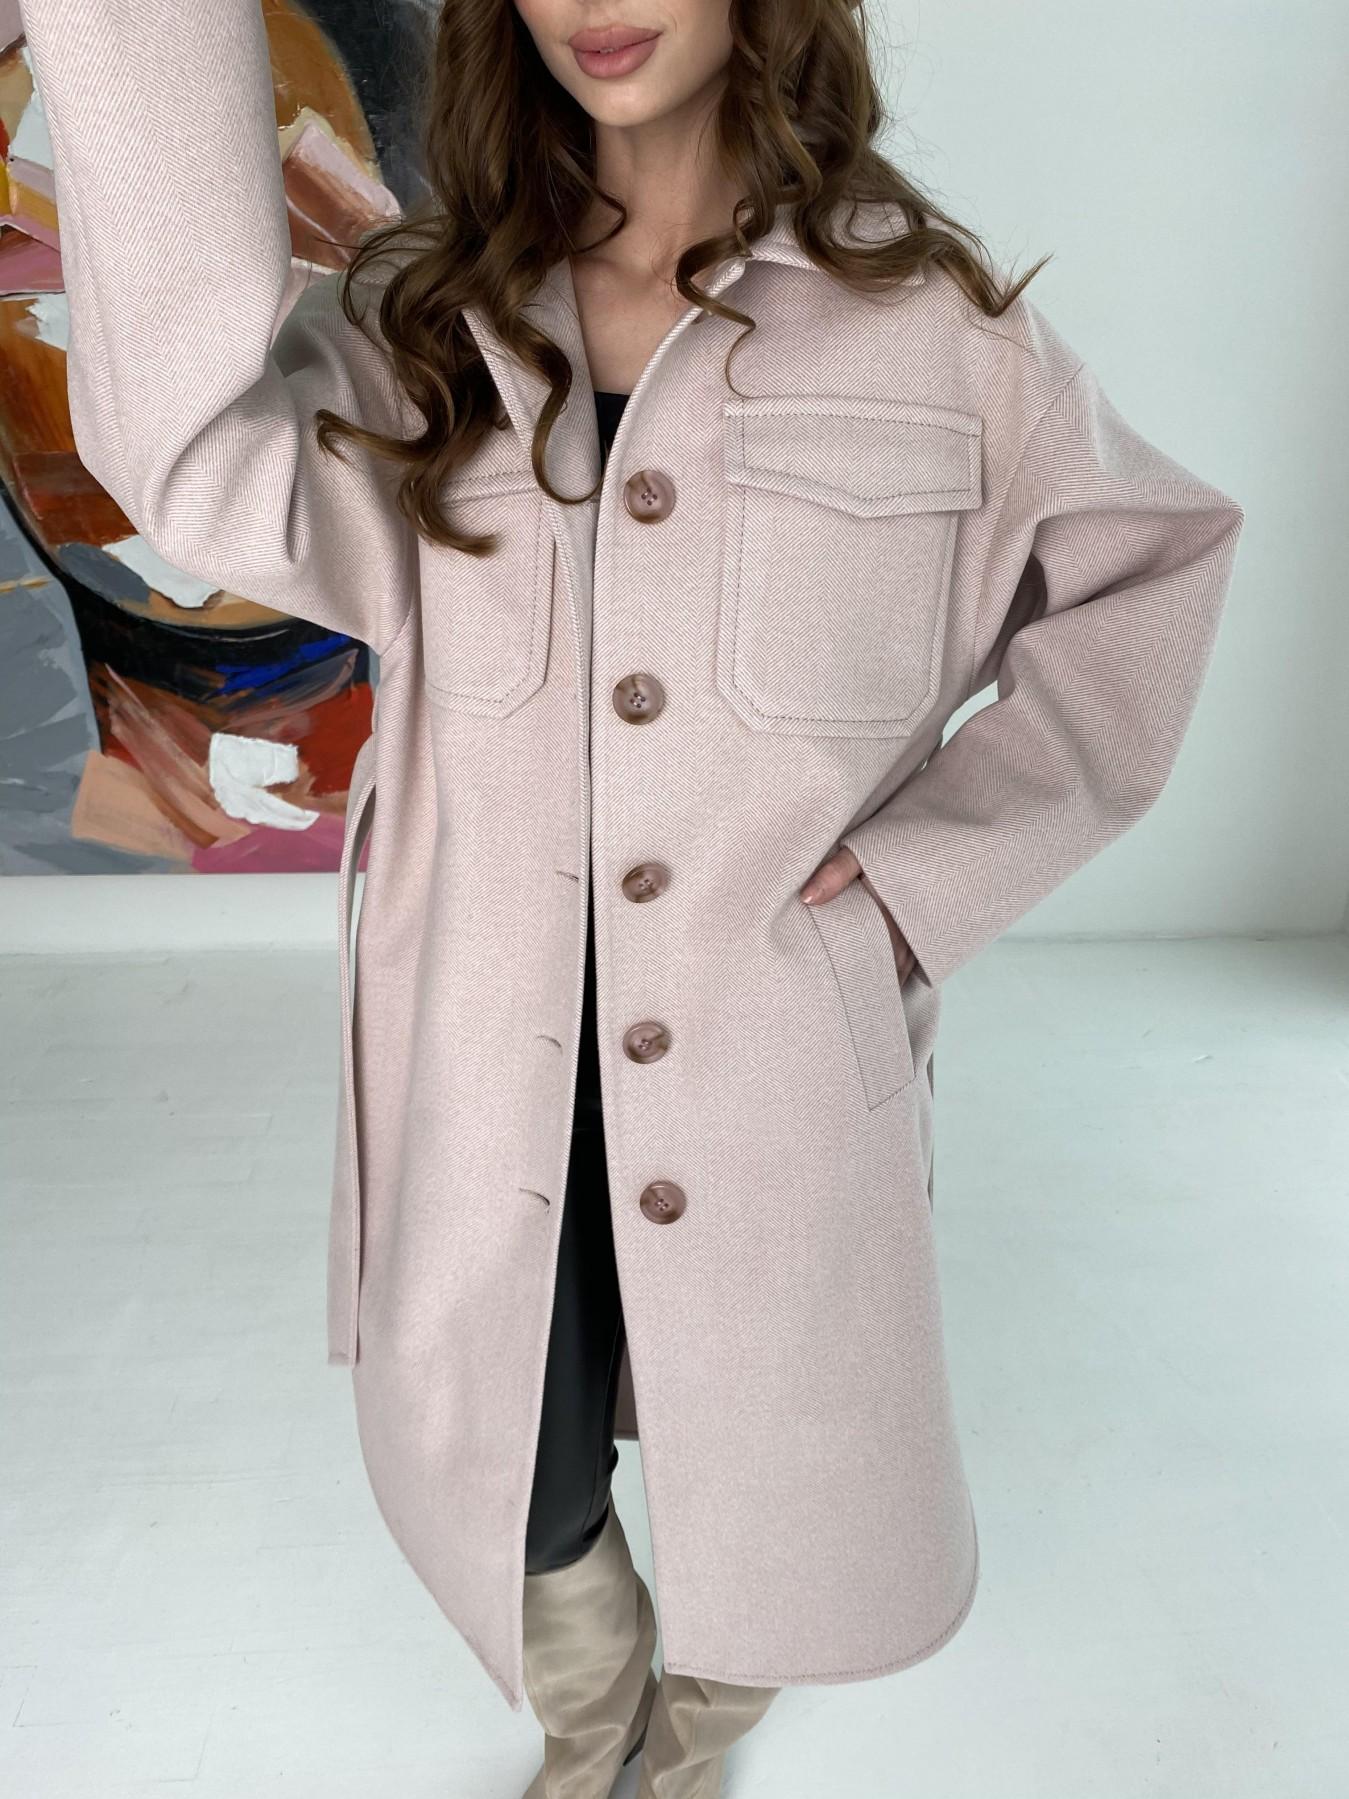 Ола  пальто в мелкую елочку из пальтовой ткани 10648 АРТ. 46989 Цвет: Пудра - фото 8, интернет магазин tm-modus.ru